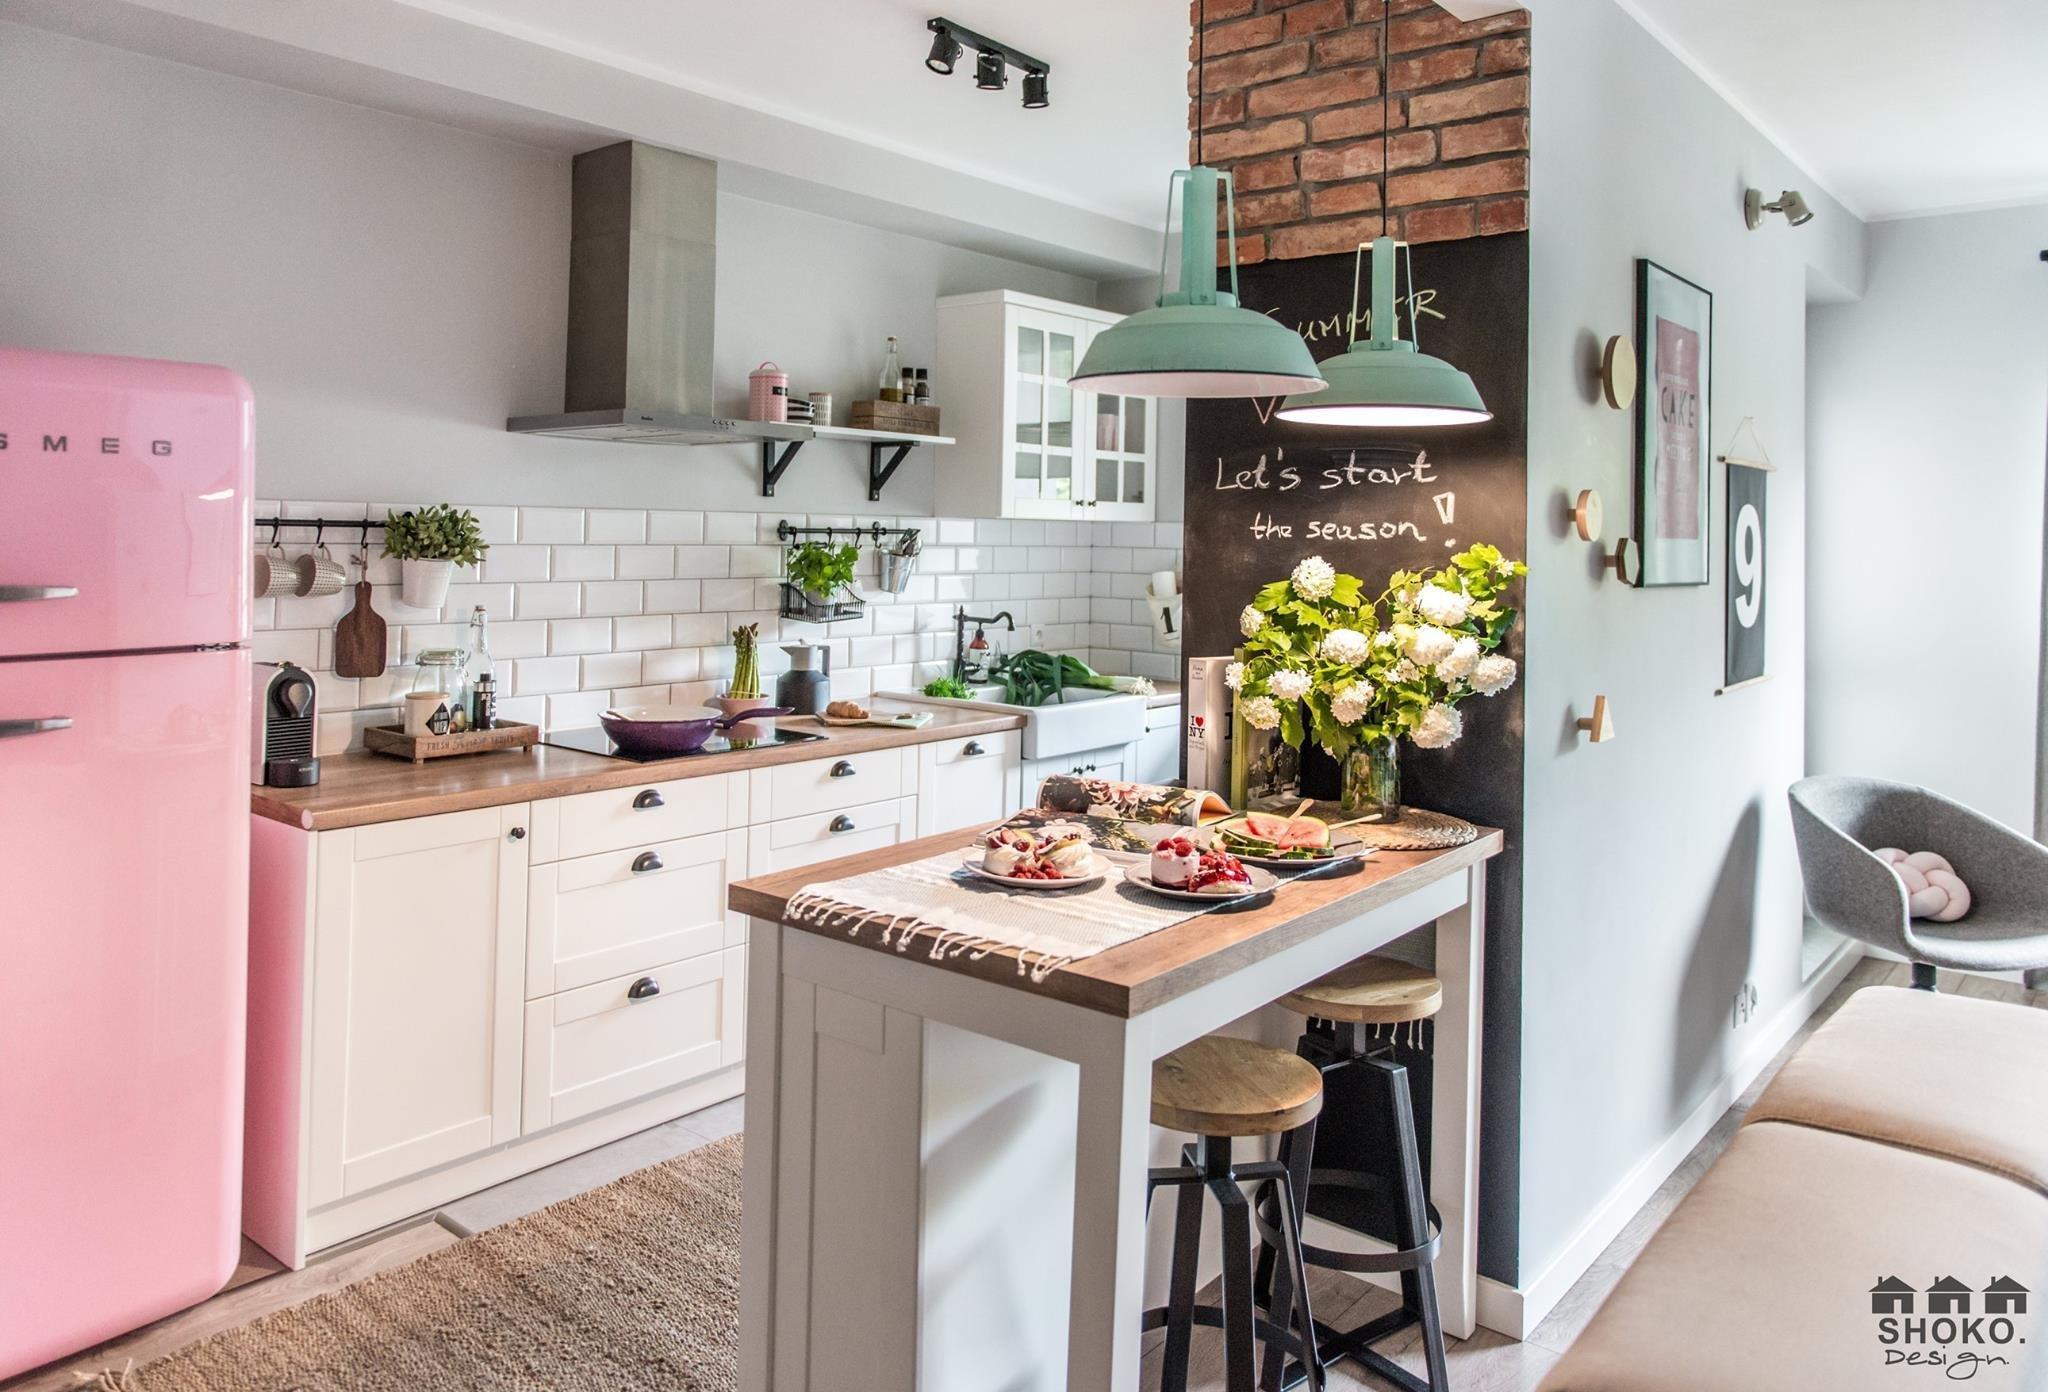 Interiér malého polského bytu je opravdovou pastvou pro oči. V čele s rozkošnou růžovou ledničkou tu vzniká hravě zařízený prostor, který působí jemně a něžně díky příjemným kombinacím pastelových barev. Spojení retro a skandinávského stylu tu navíc vytváří neskutečně svůdnou atmosféru.